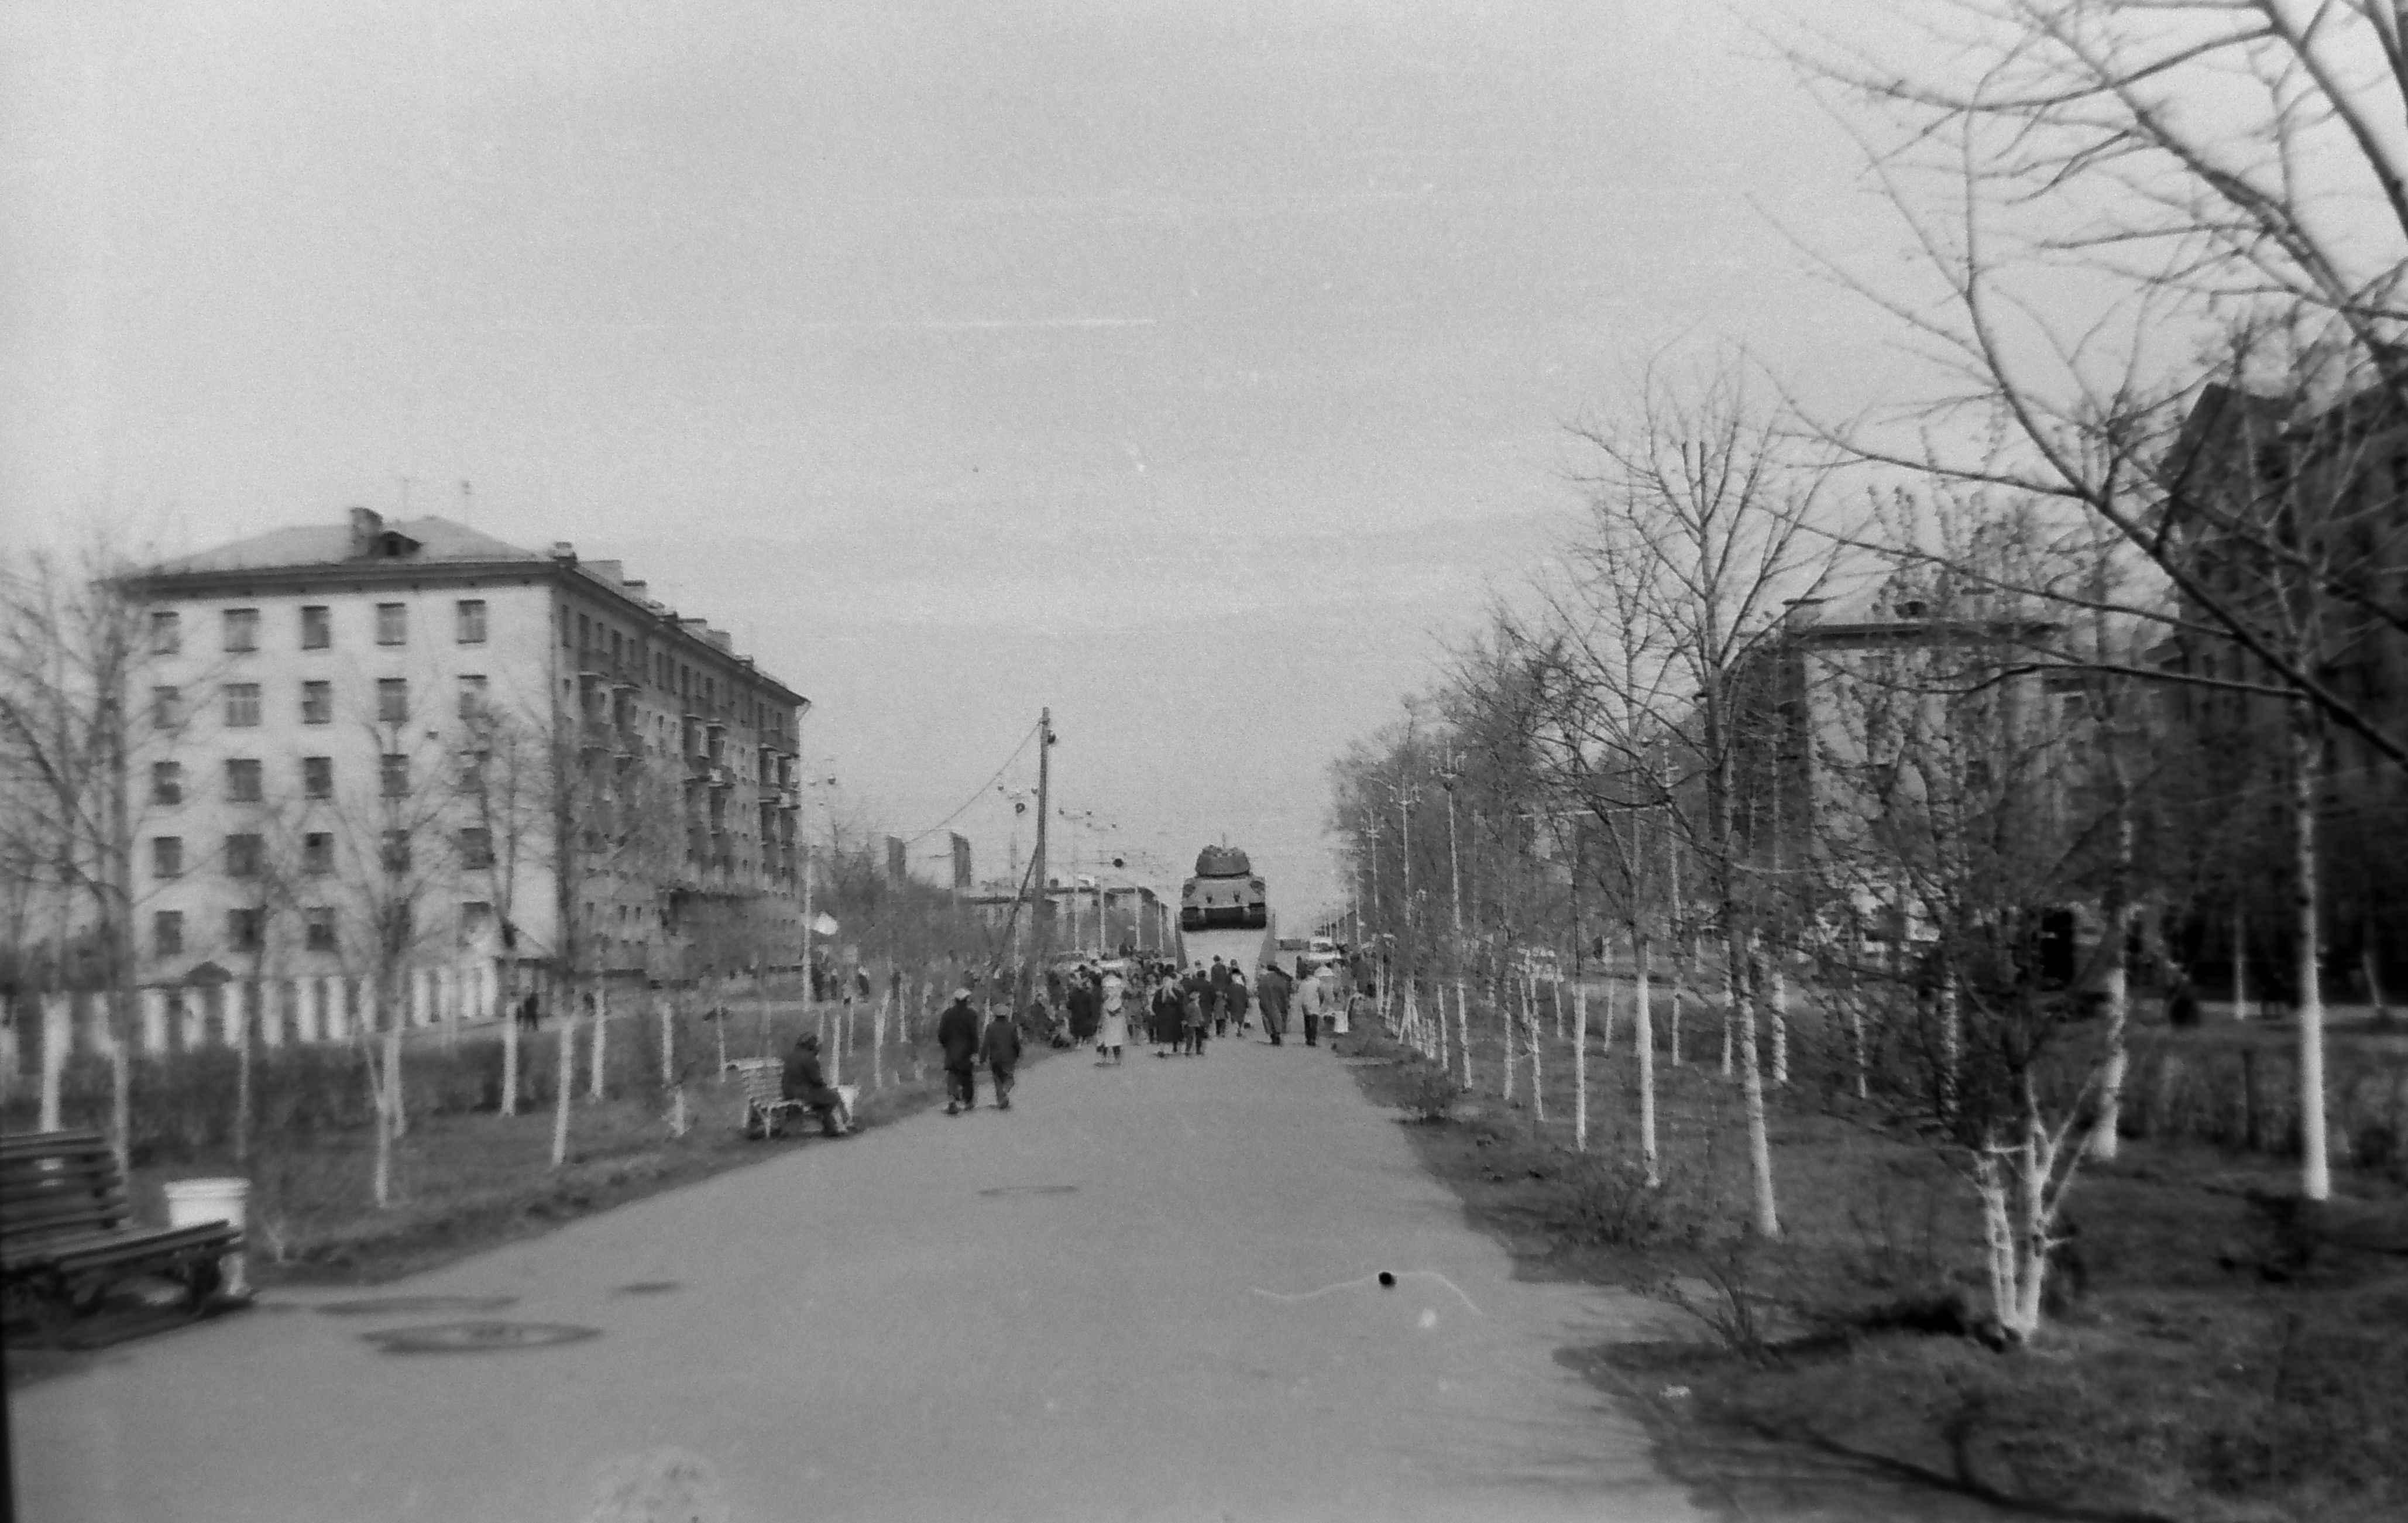 История одной фотографии: почему кировский танк не дошел до Берлина?